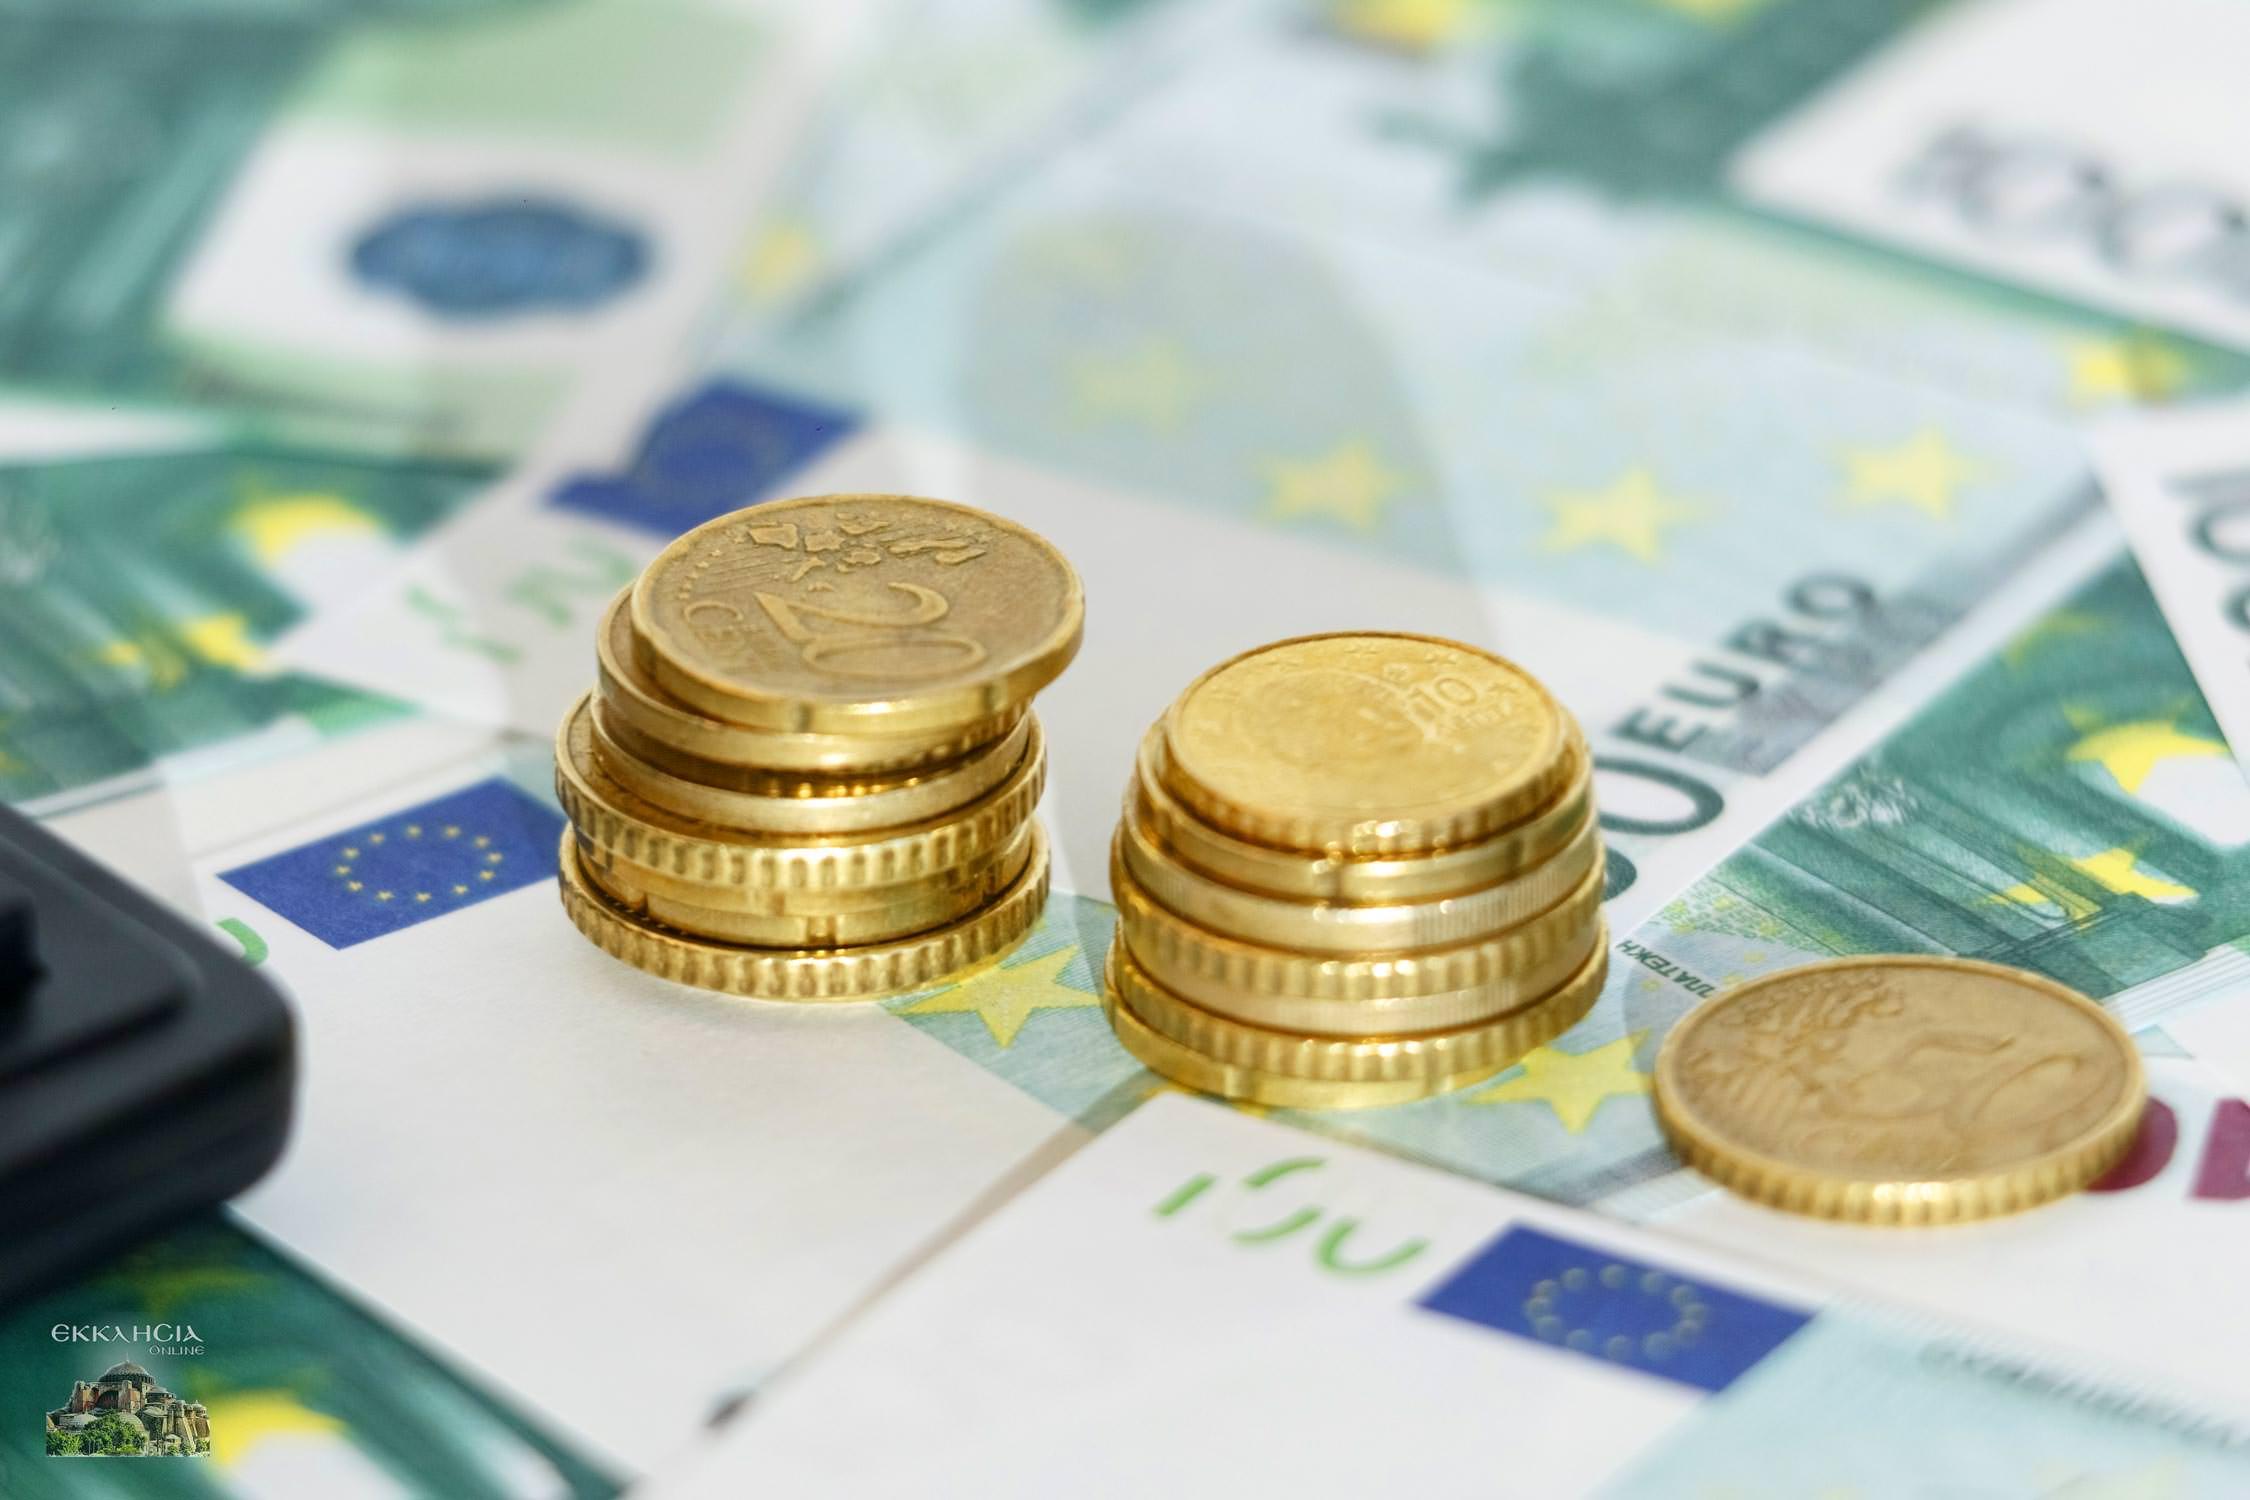 επιδόματα πληρωμές κοινωνικό μέρισμα 2020